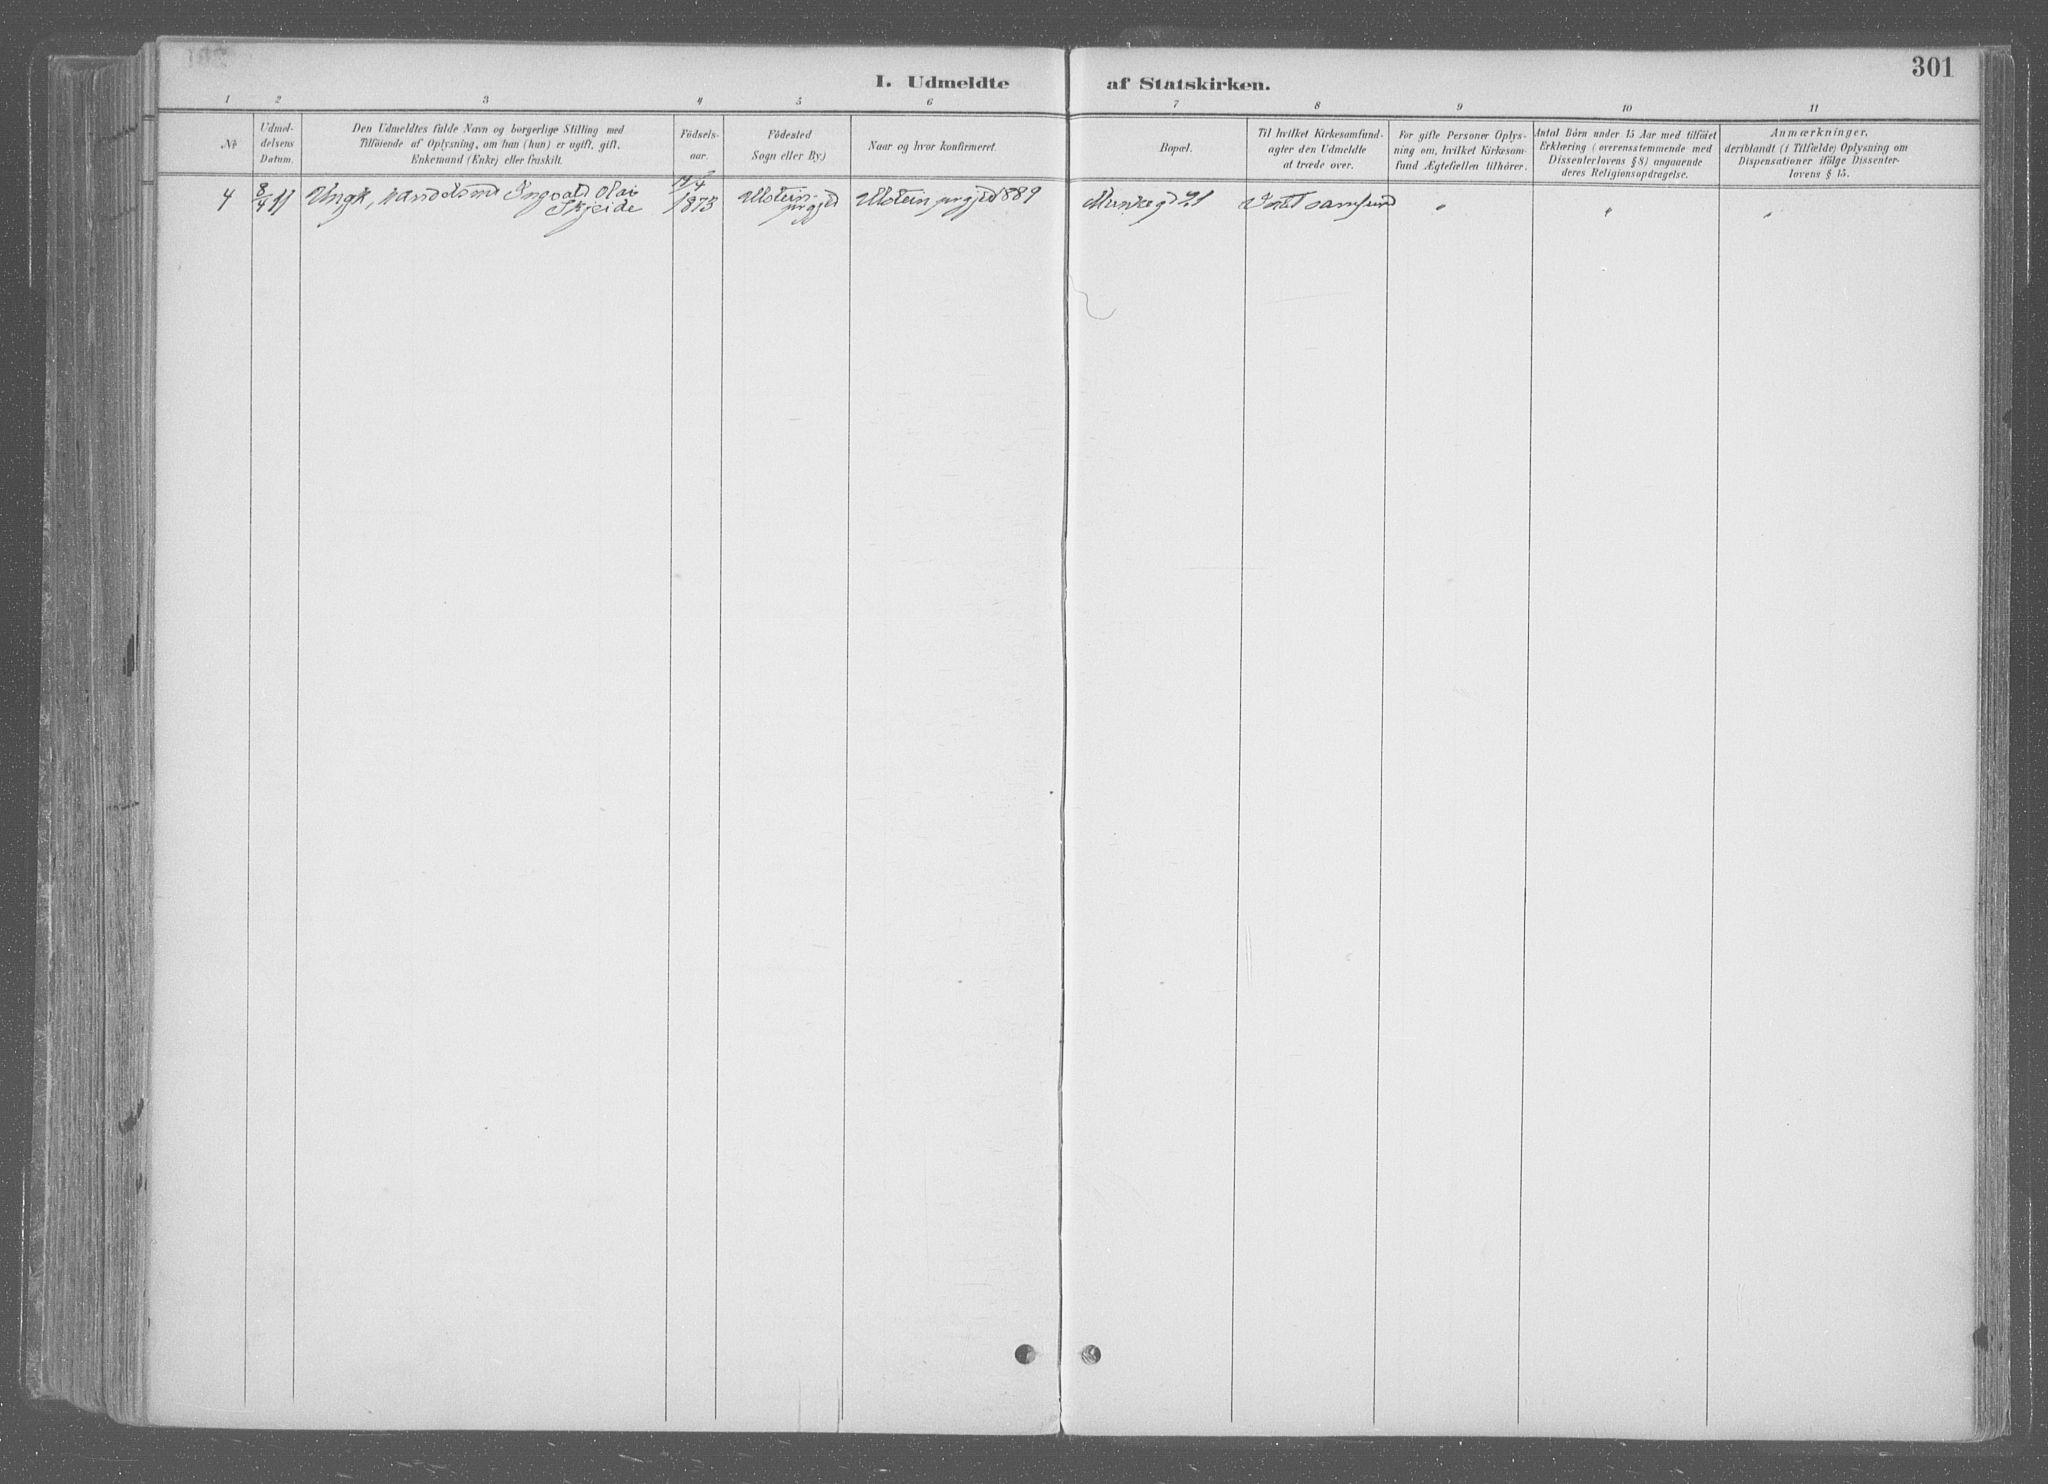 SAT, Ministerialprotokoller, klokkerbøker og fødselsregistre - Sør-Trøndelag, 601/L0064: Ministerialbok nr. 601A31, 1891-1911, s. 301